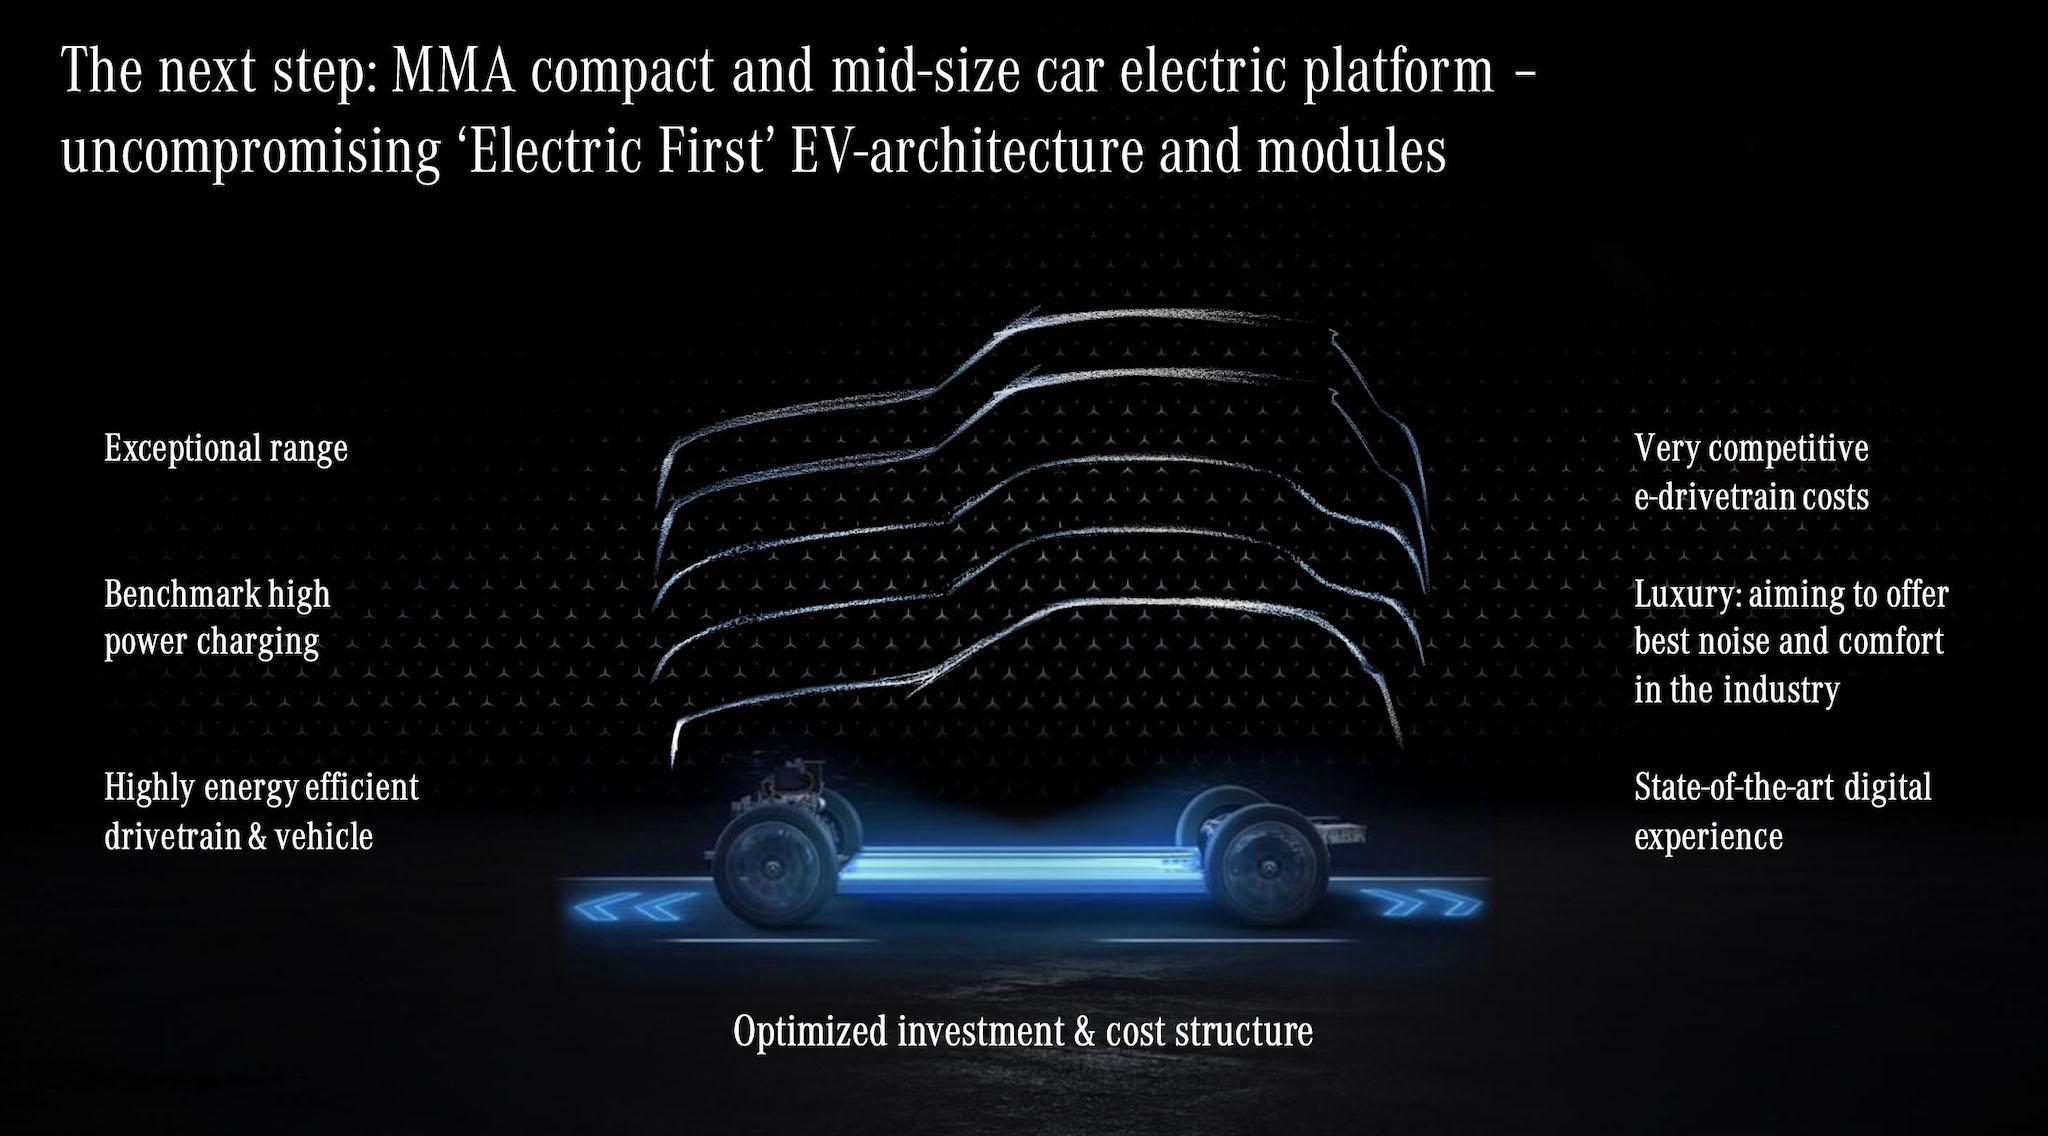 價格較親民的中小型車款使用 MMA(Mercedes-Benz Modular Architecture)平台。